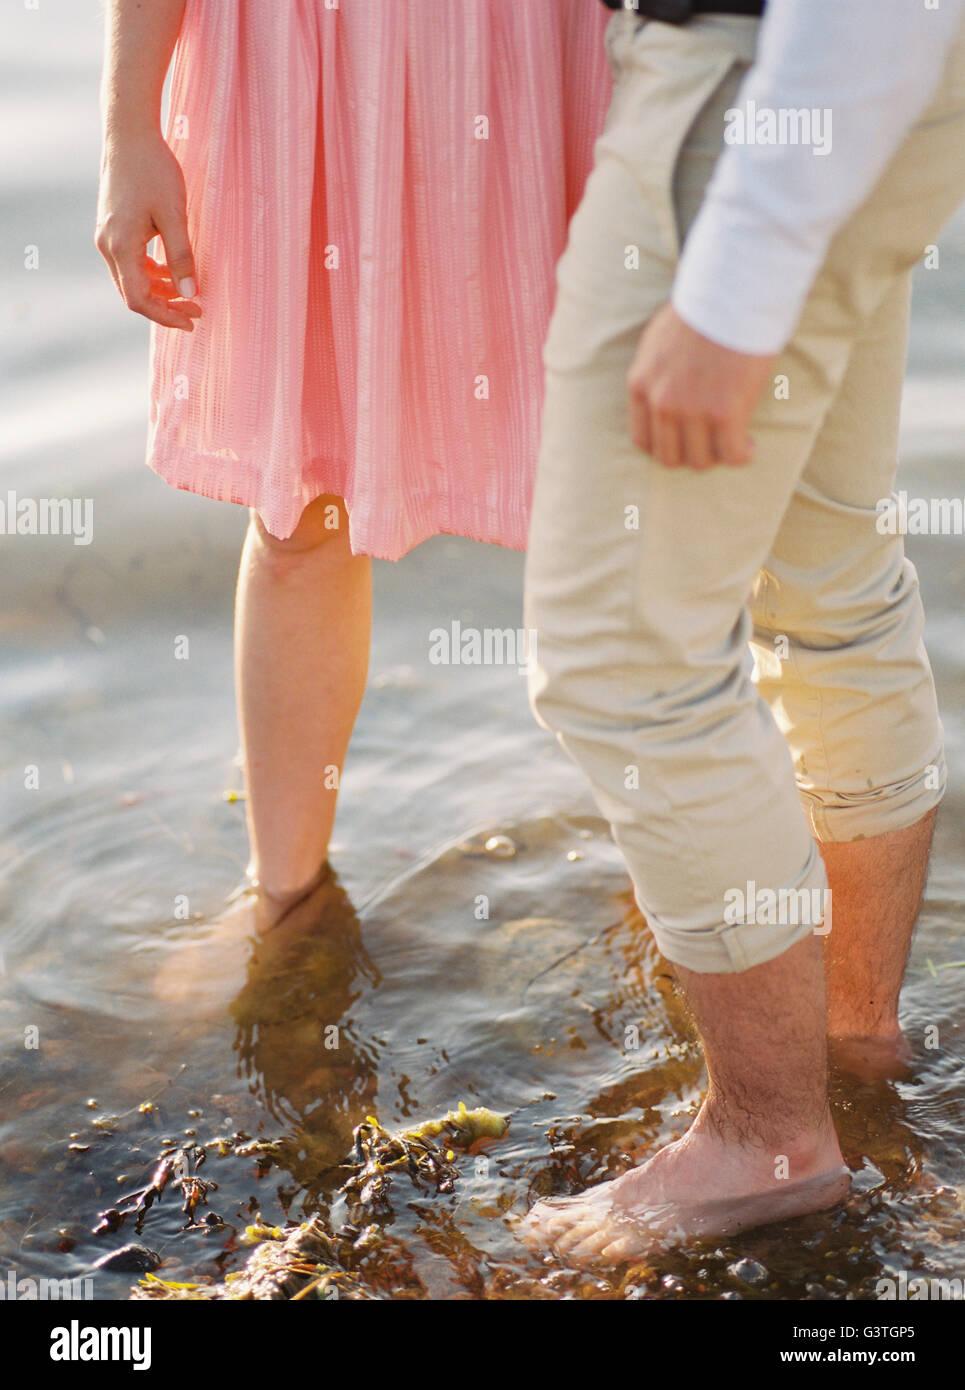 La Suède, Sweden in Kitchen, pieds nus dans l'eau Photo Stock